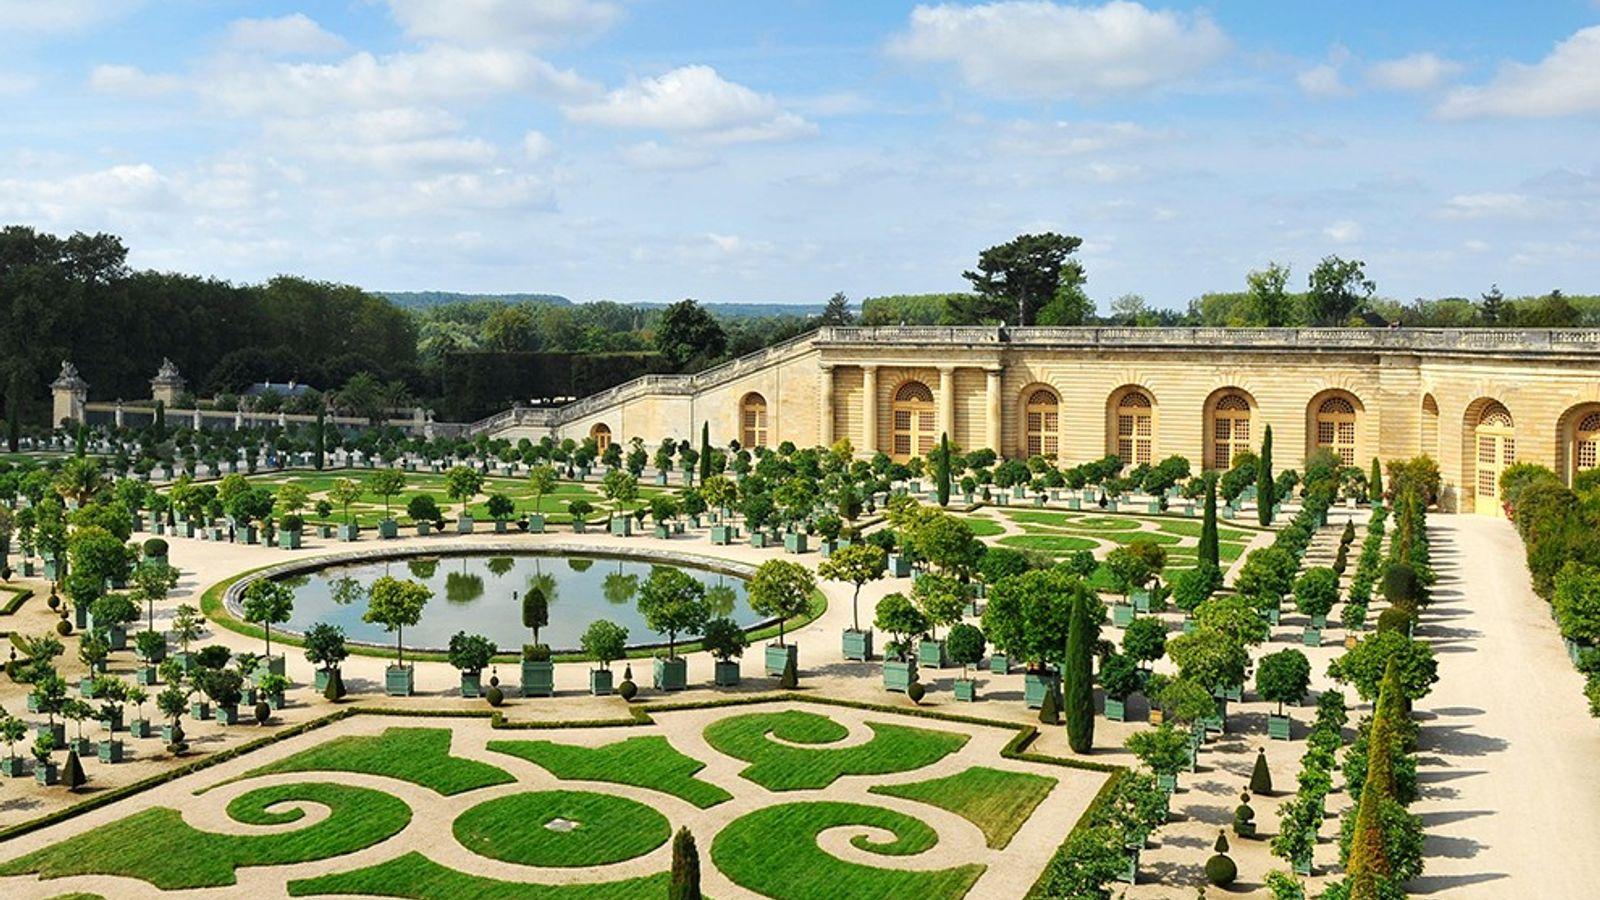 Des orangers bordent un jardin à la française, jadis l'épicentre du pouvoir royal français. Il fallut ...